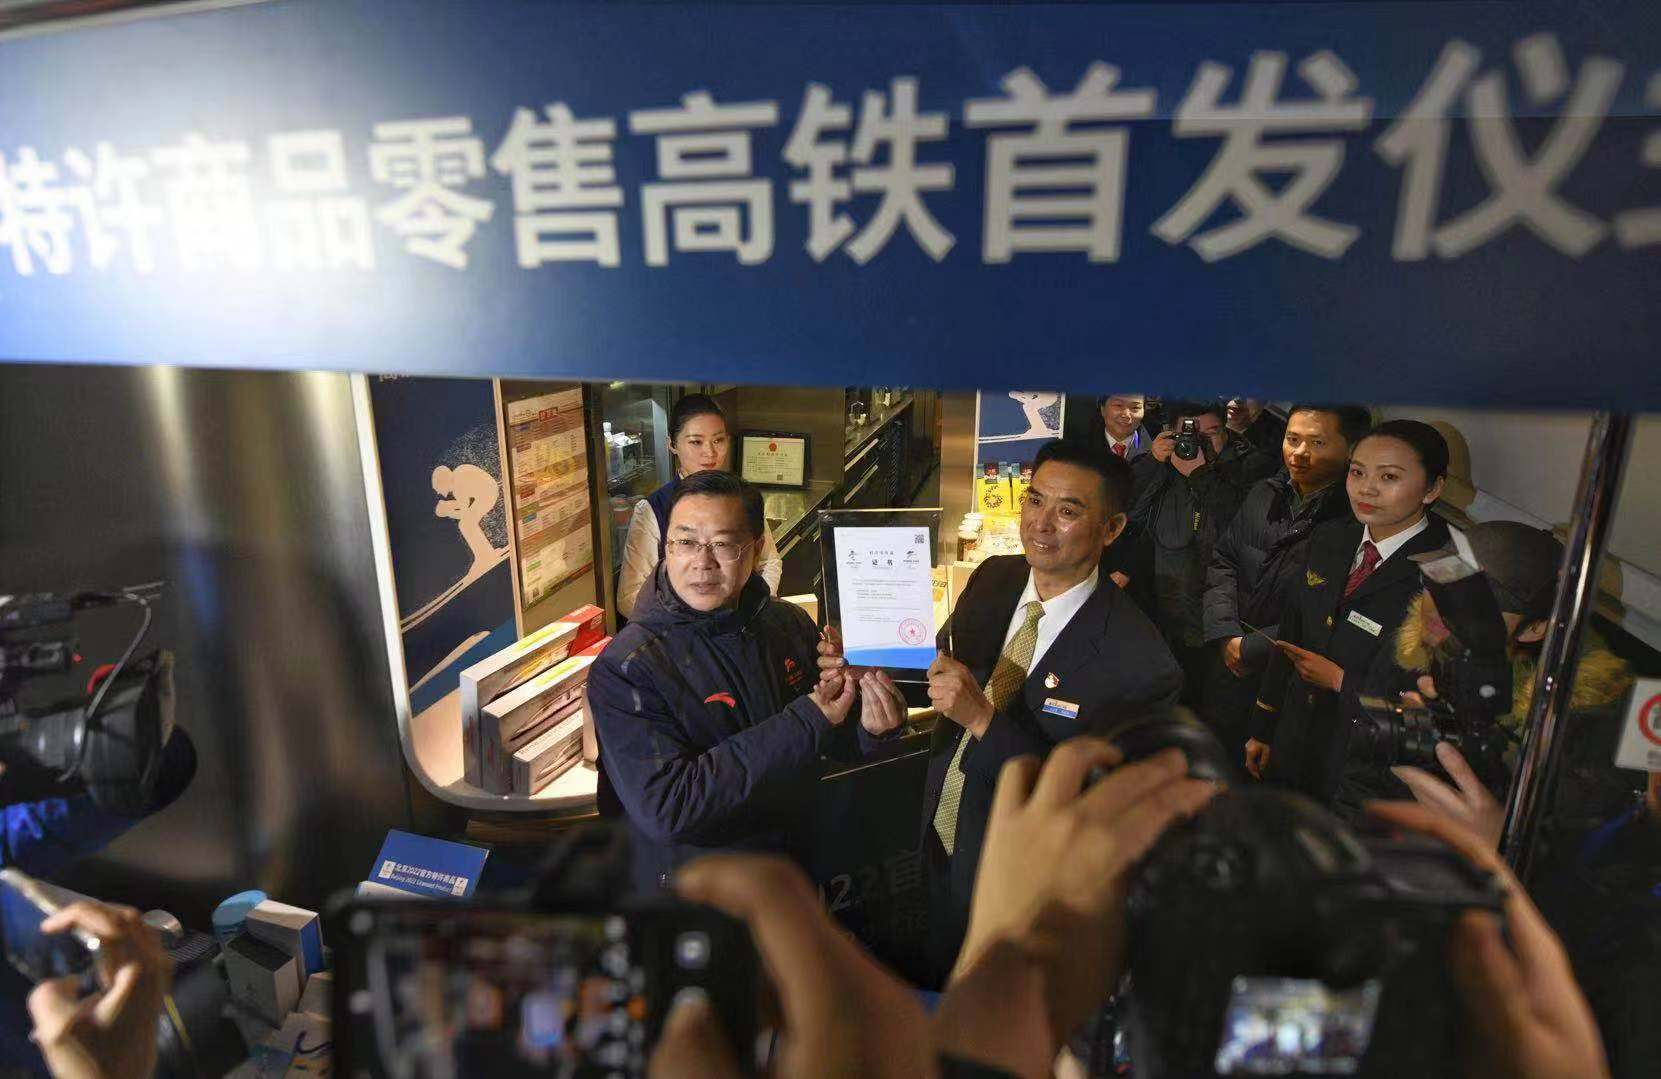 首发仪式上,北京冬奥组委市场开发部相关负责人向中国铁路北京局颁发了北京冬奥会特许零售商证书。 摄影 新京报记者 陶冉